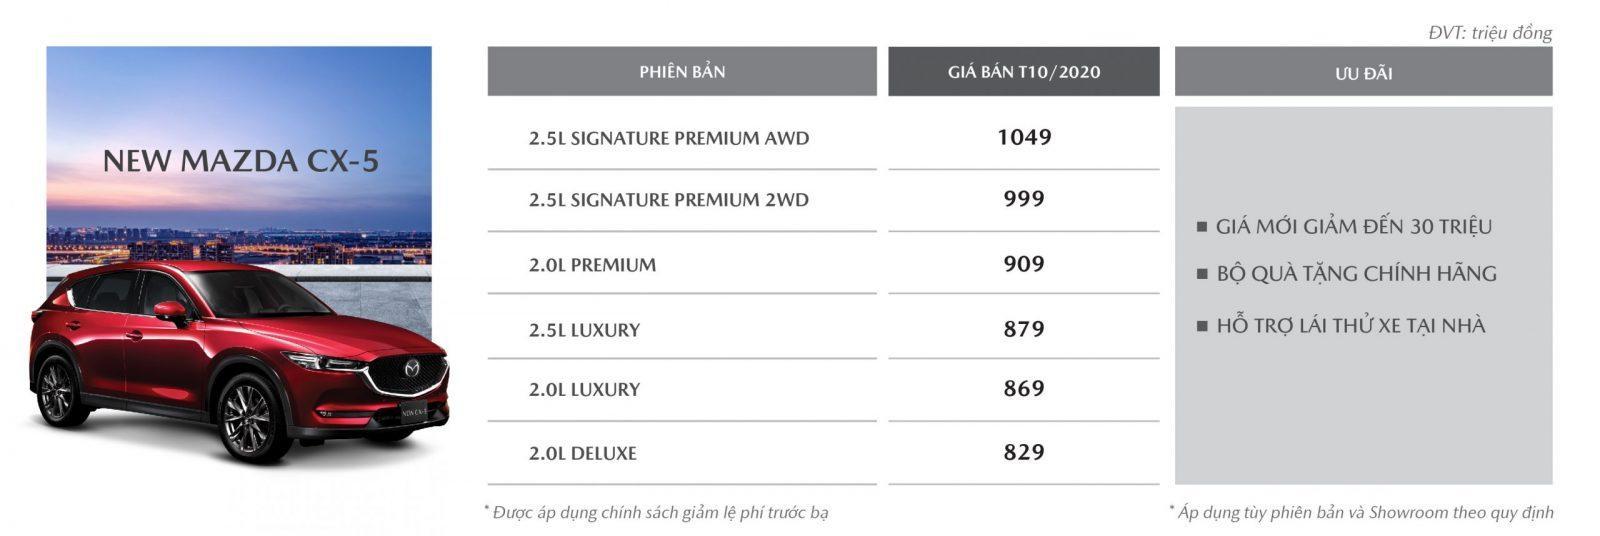 Giá CX5 tháng 10/2020